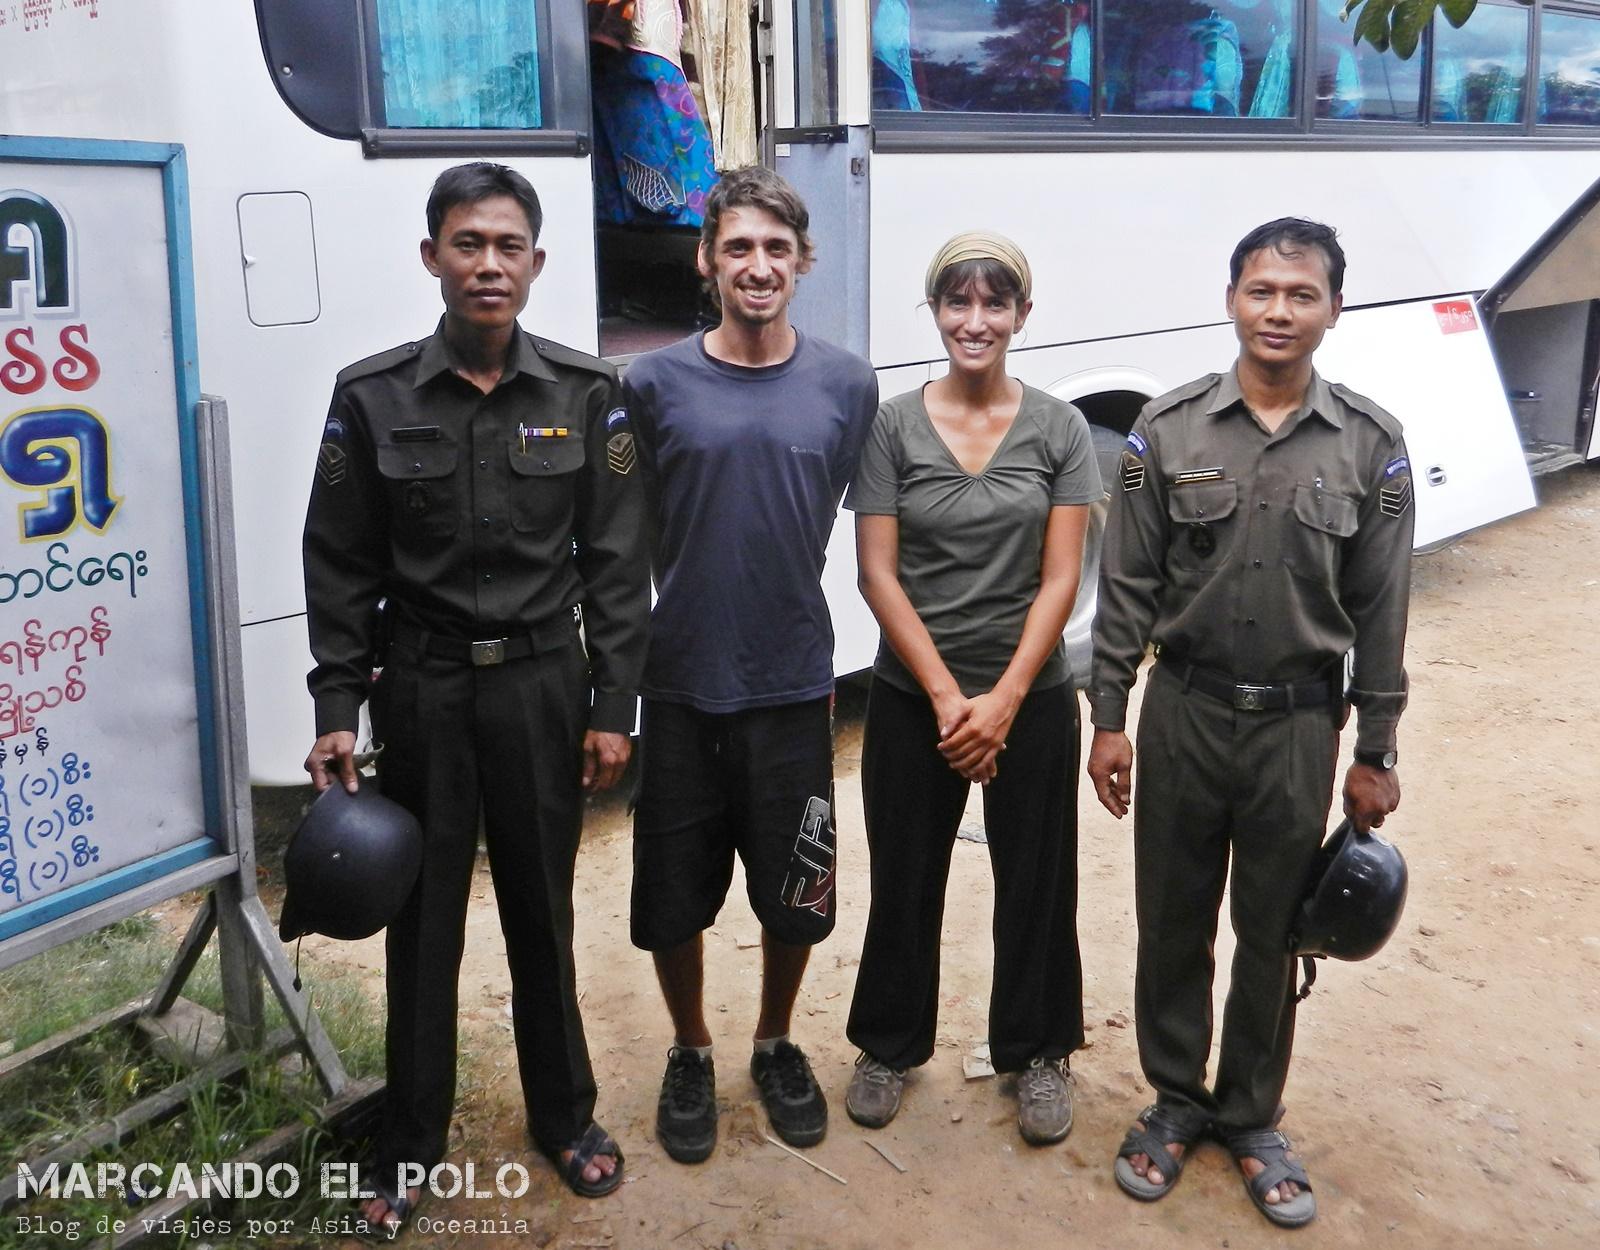 Viajar a dedo en Myanmar. Los policías nos hicieron tomar bus